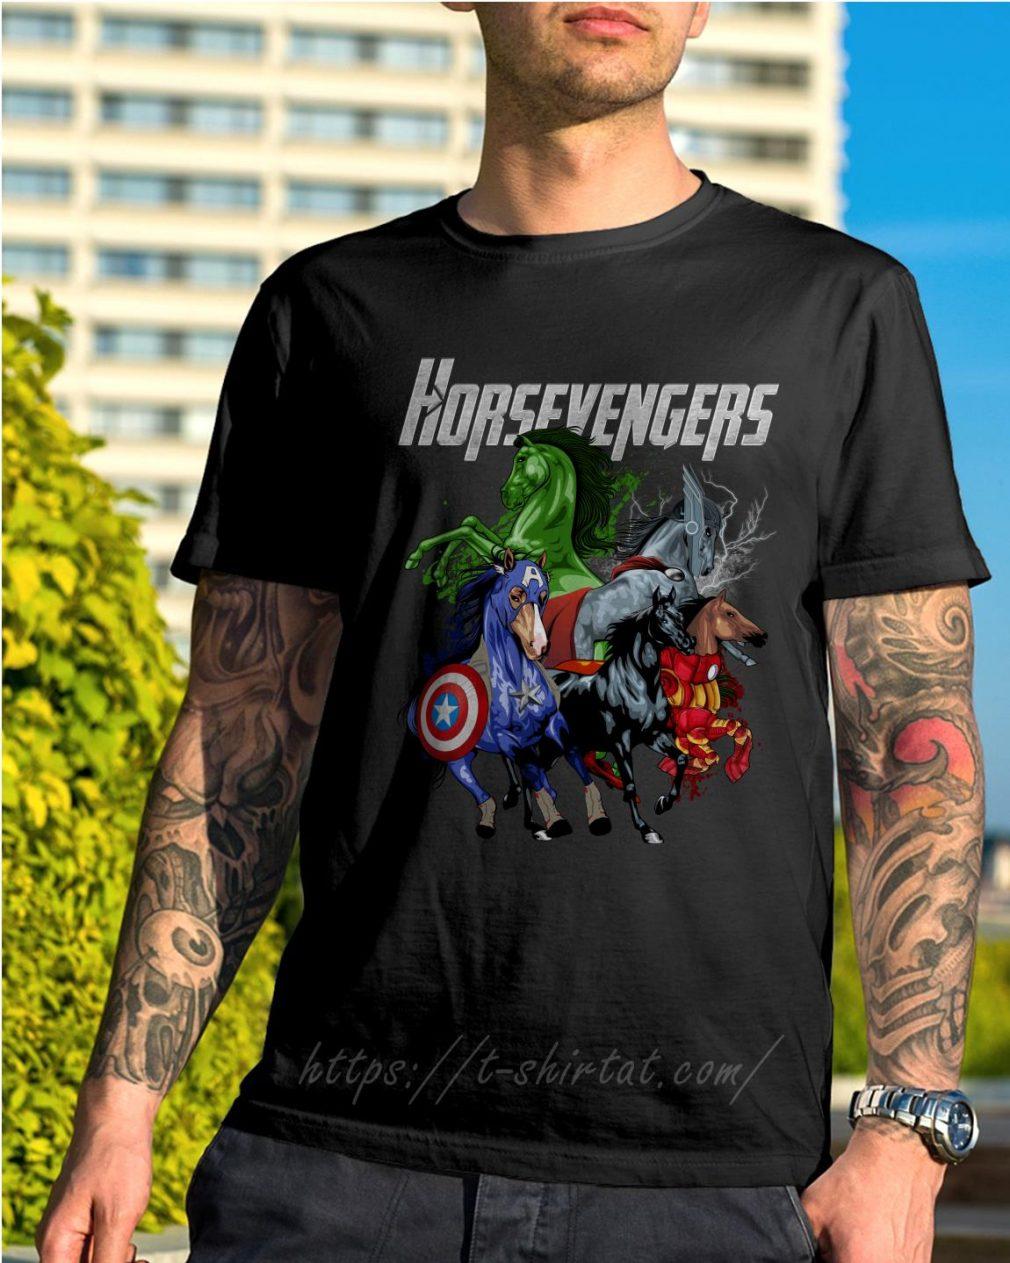 Horsevengers shirt